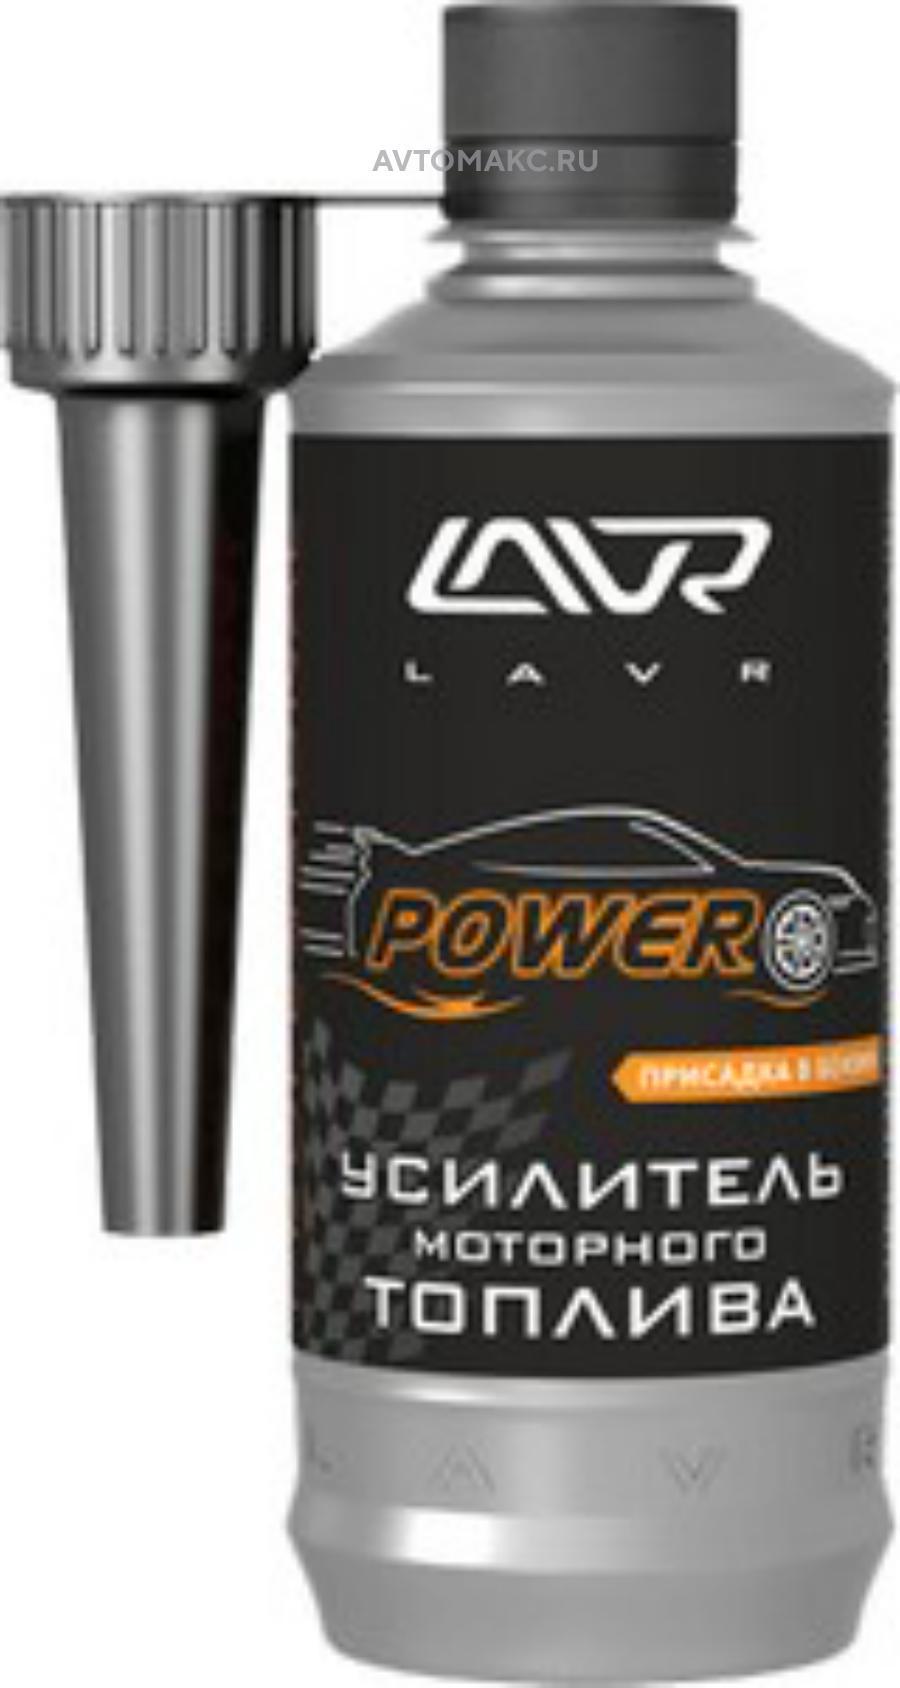 Усилитель моторного топлива (LN2127L)